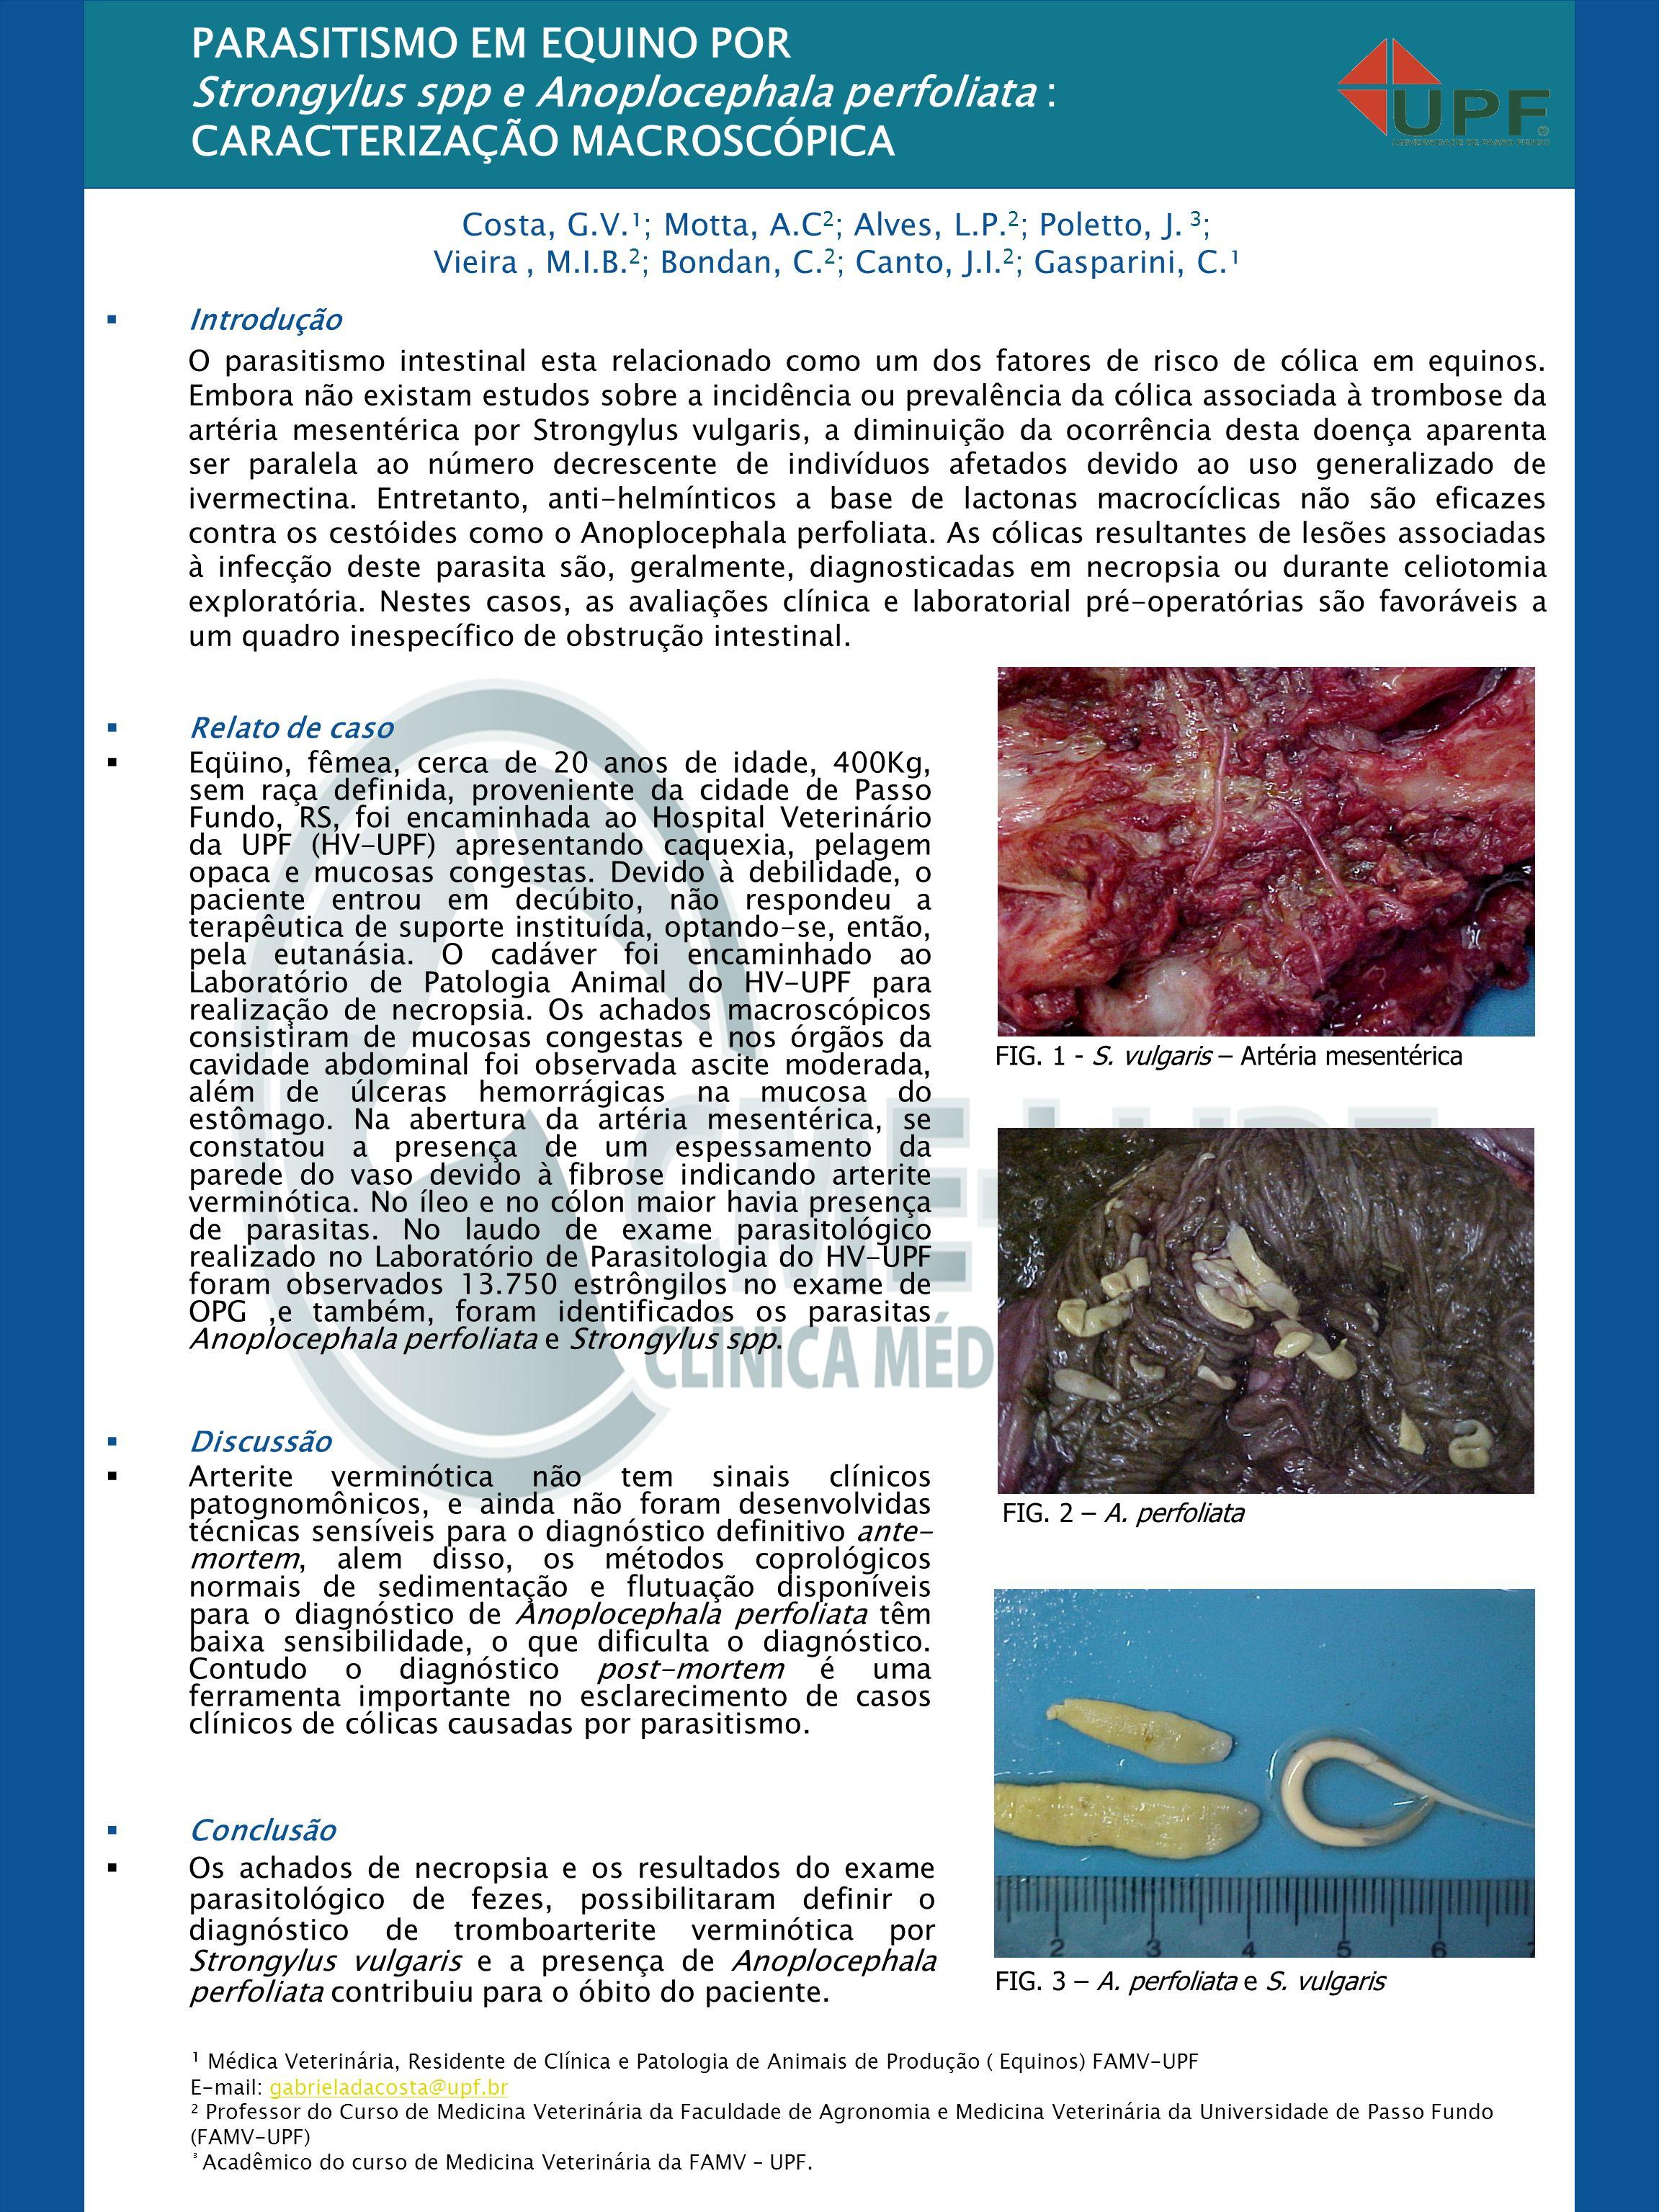 PARASITISMO EM EQUINO POR Strongylus spp e Anoplocephala perfoliata : CARACTERIZAÇÃO MACROSCÓPICA Introdução O parasitismo intestinal esta relacionado como um dos fatores de risco de cólica em equinos.